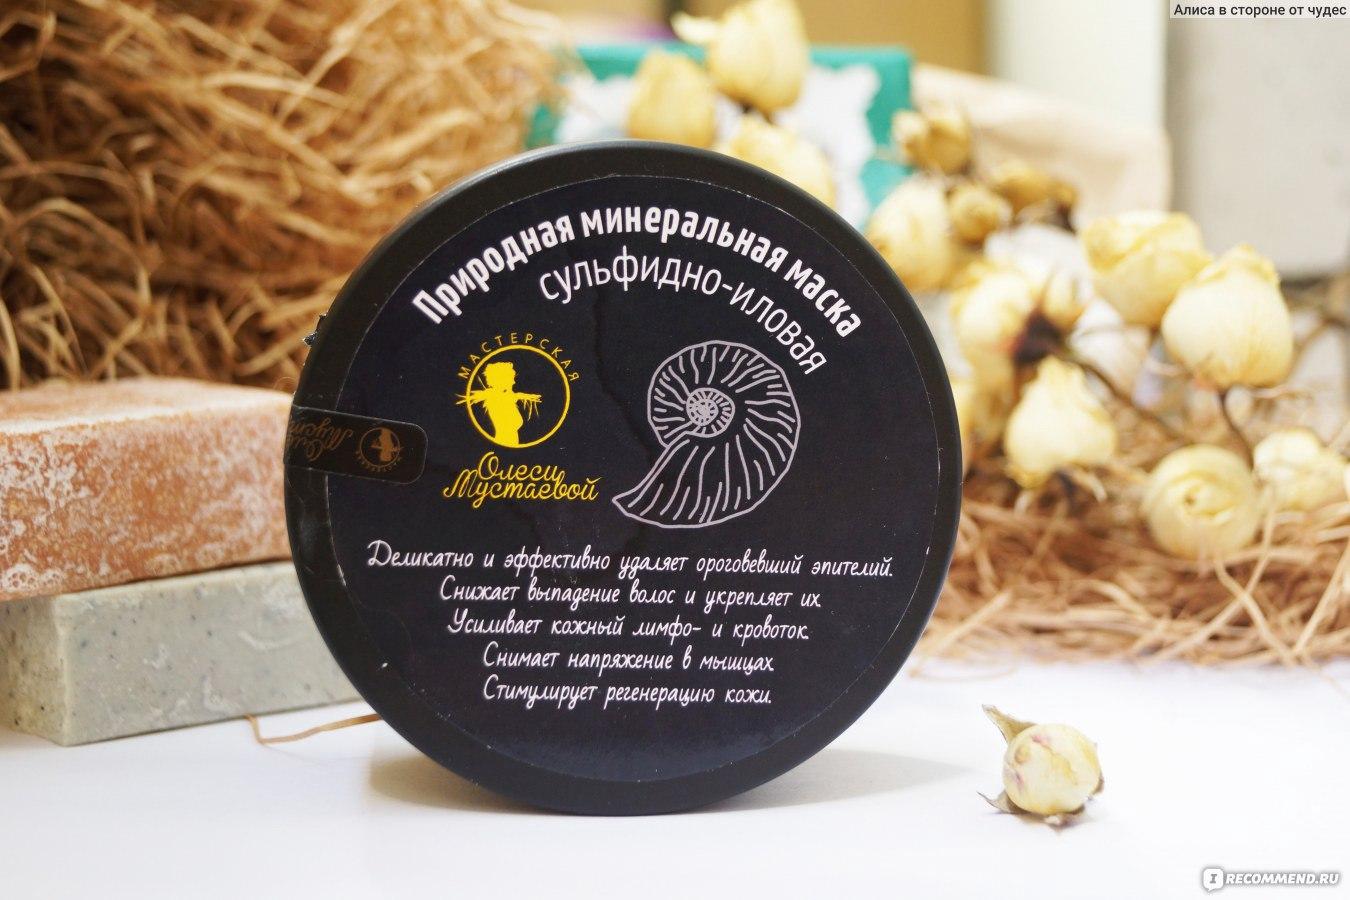 косметика олеси мустаевой купить минск